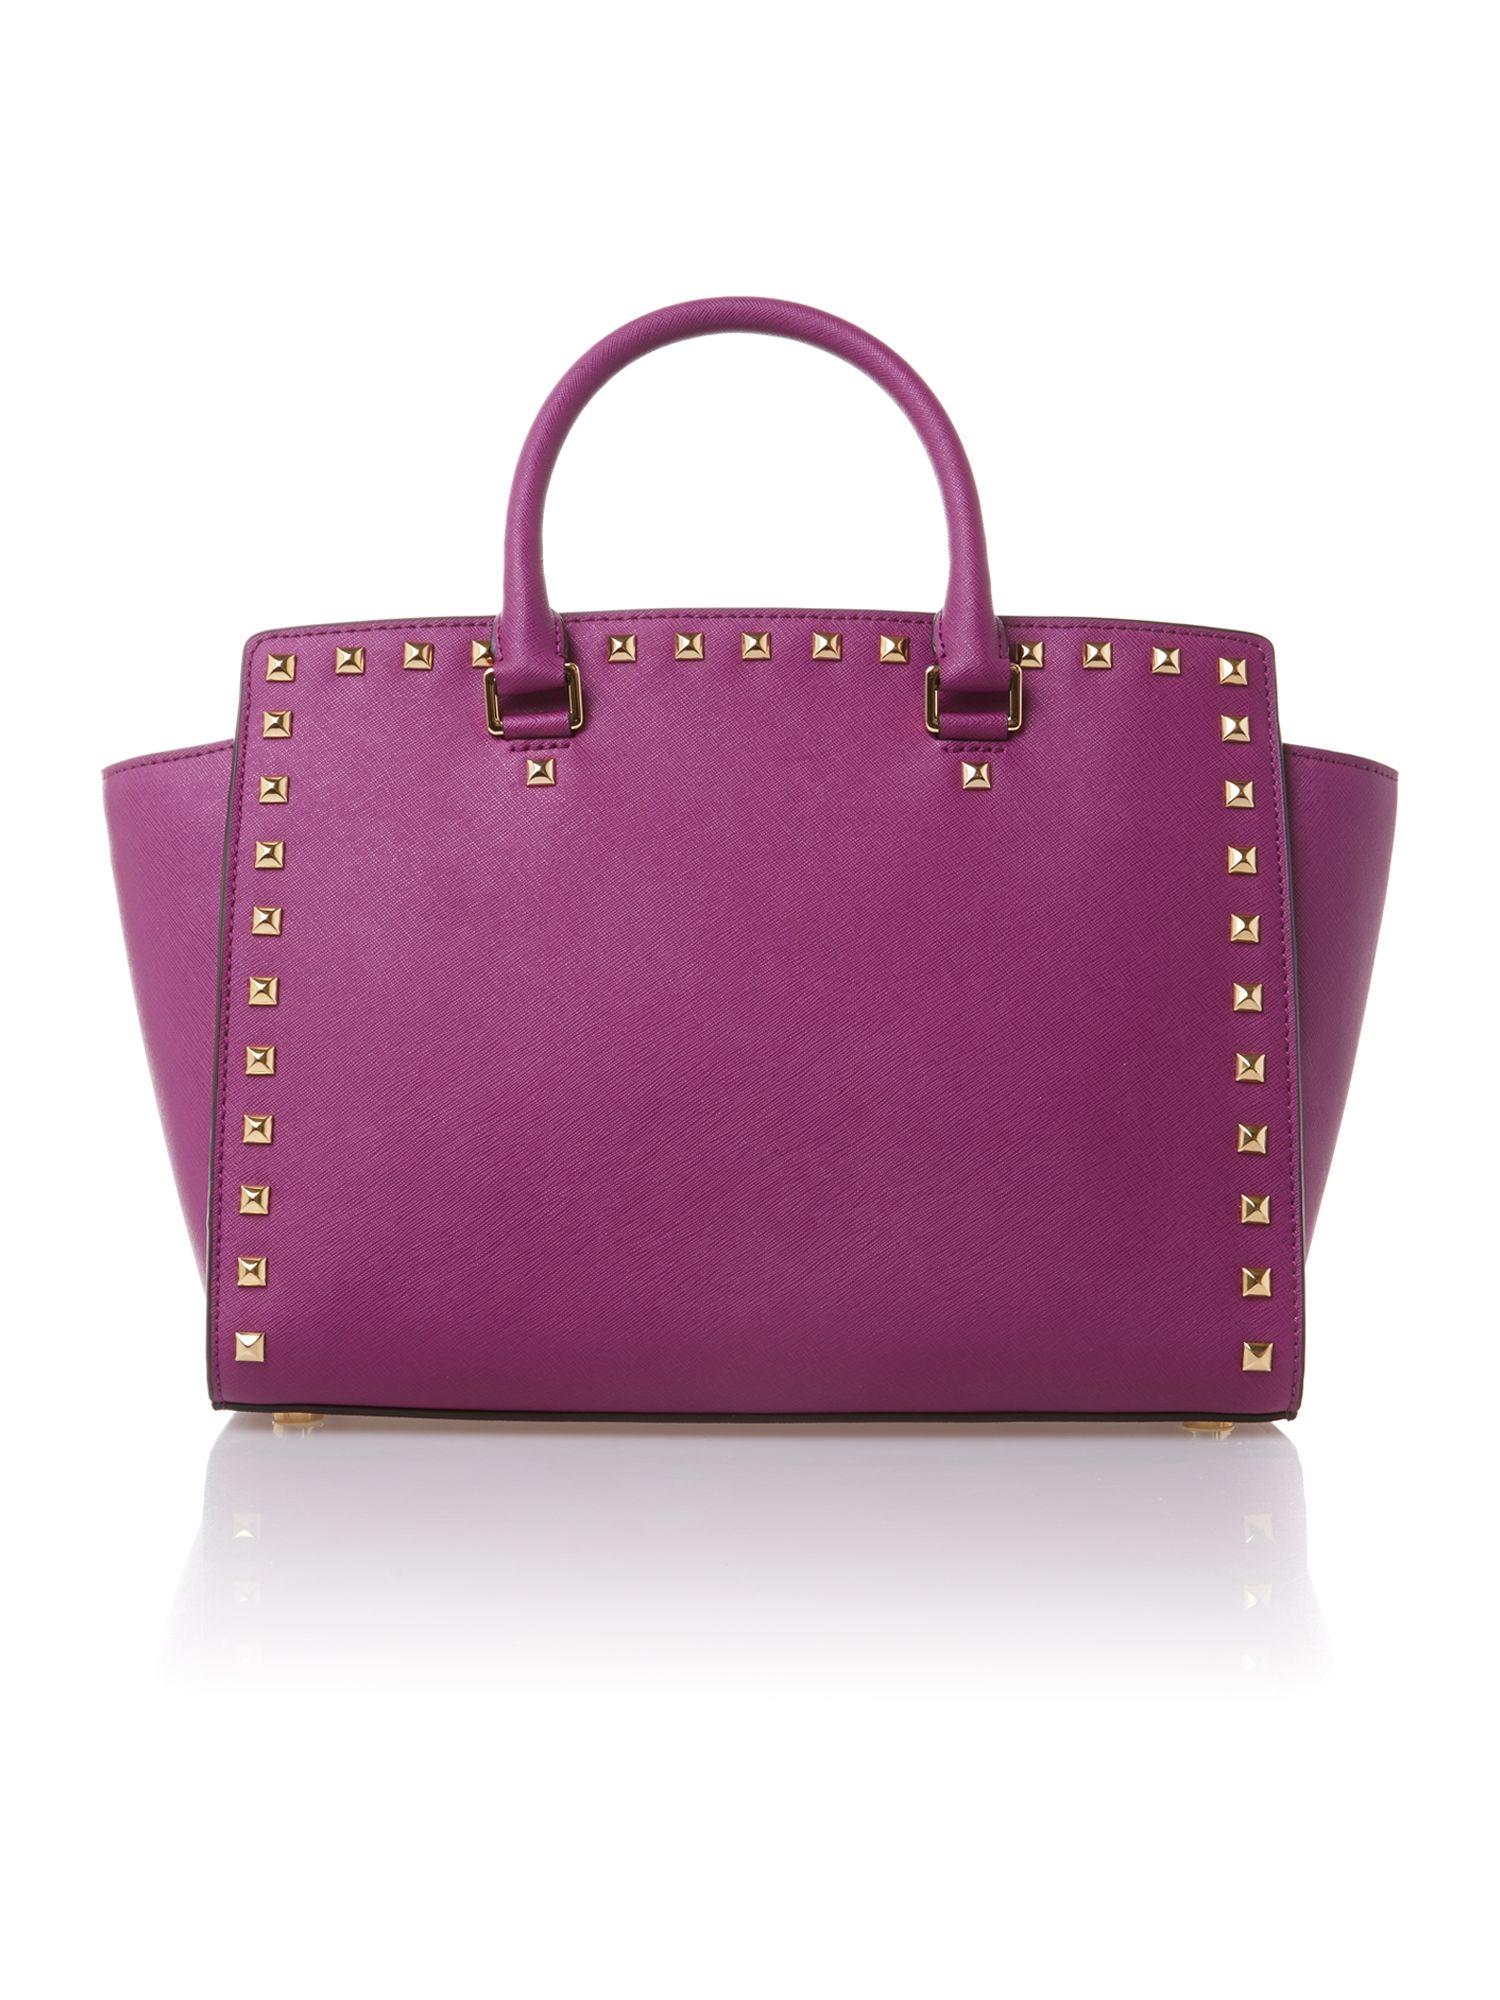 Michael Kors Selma Purple Tote Bag In Purple Lyst